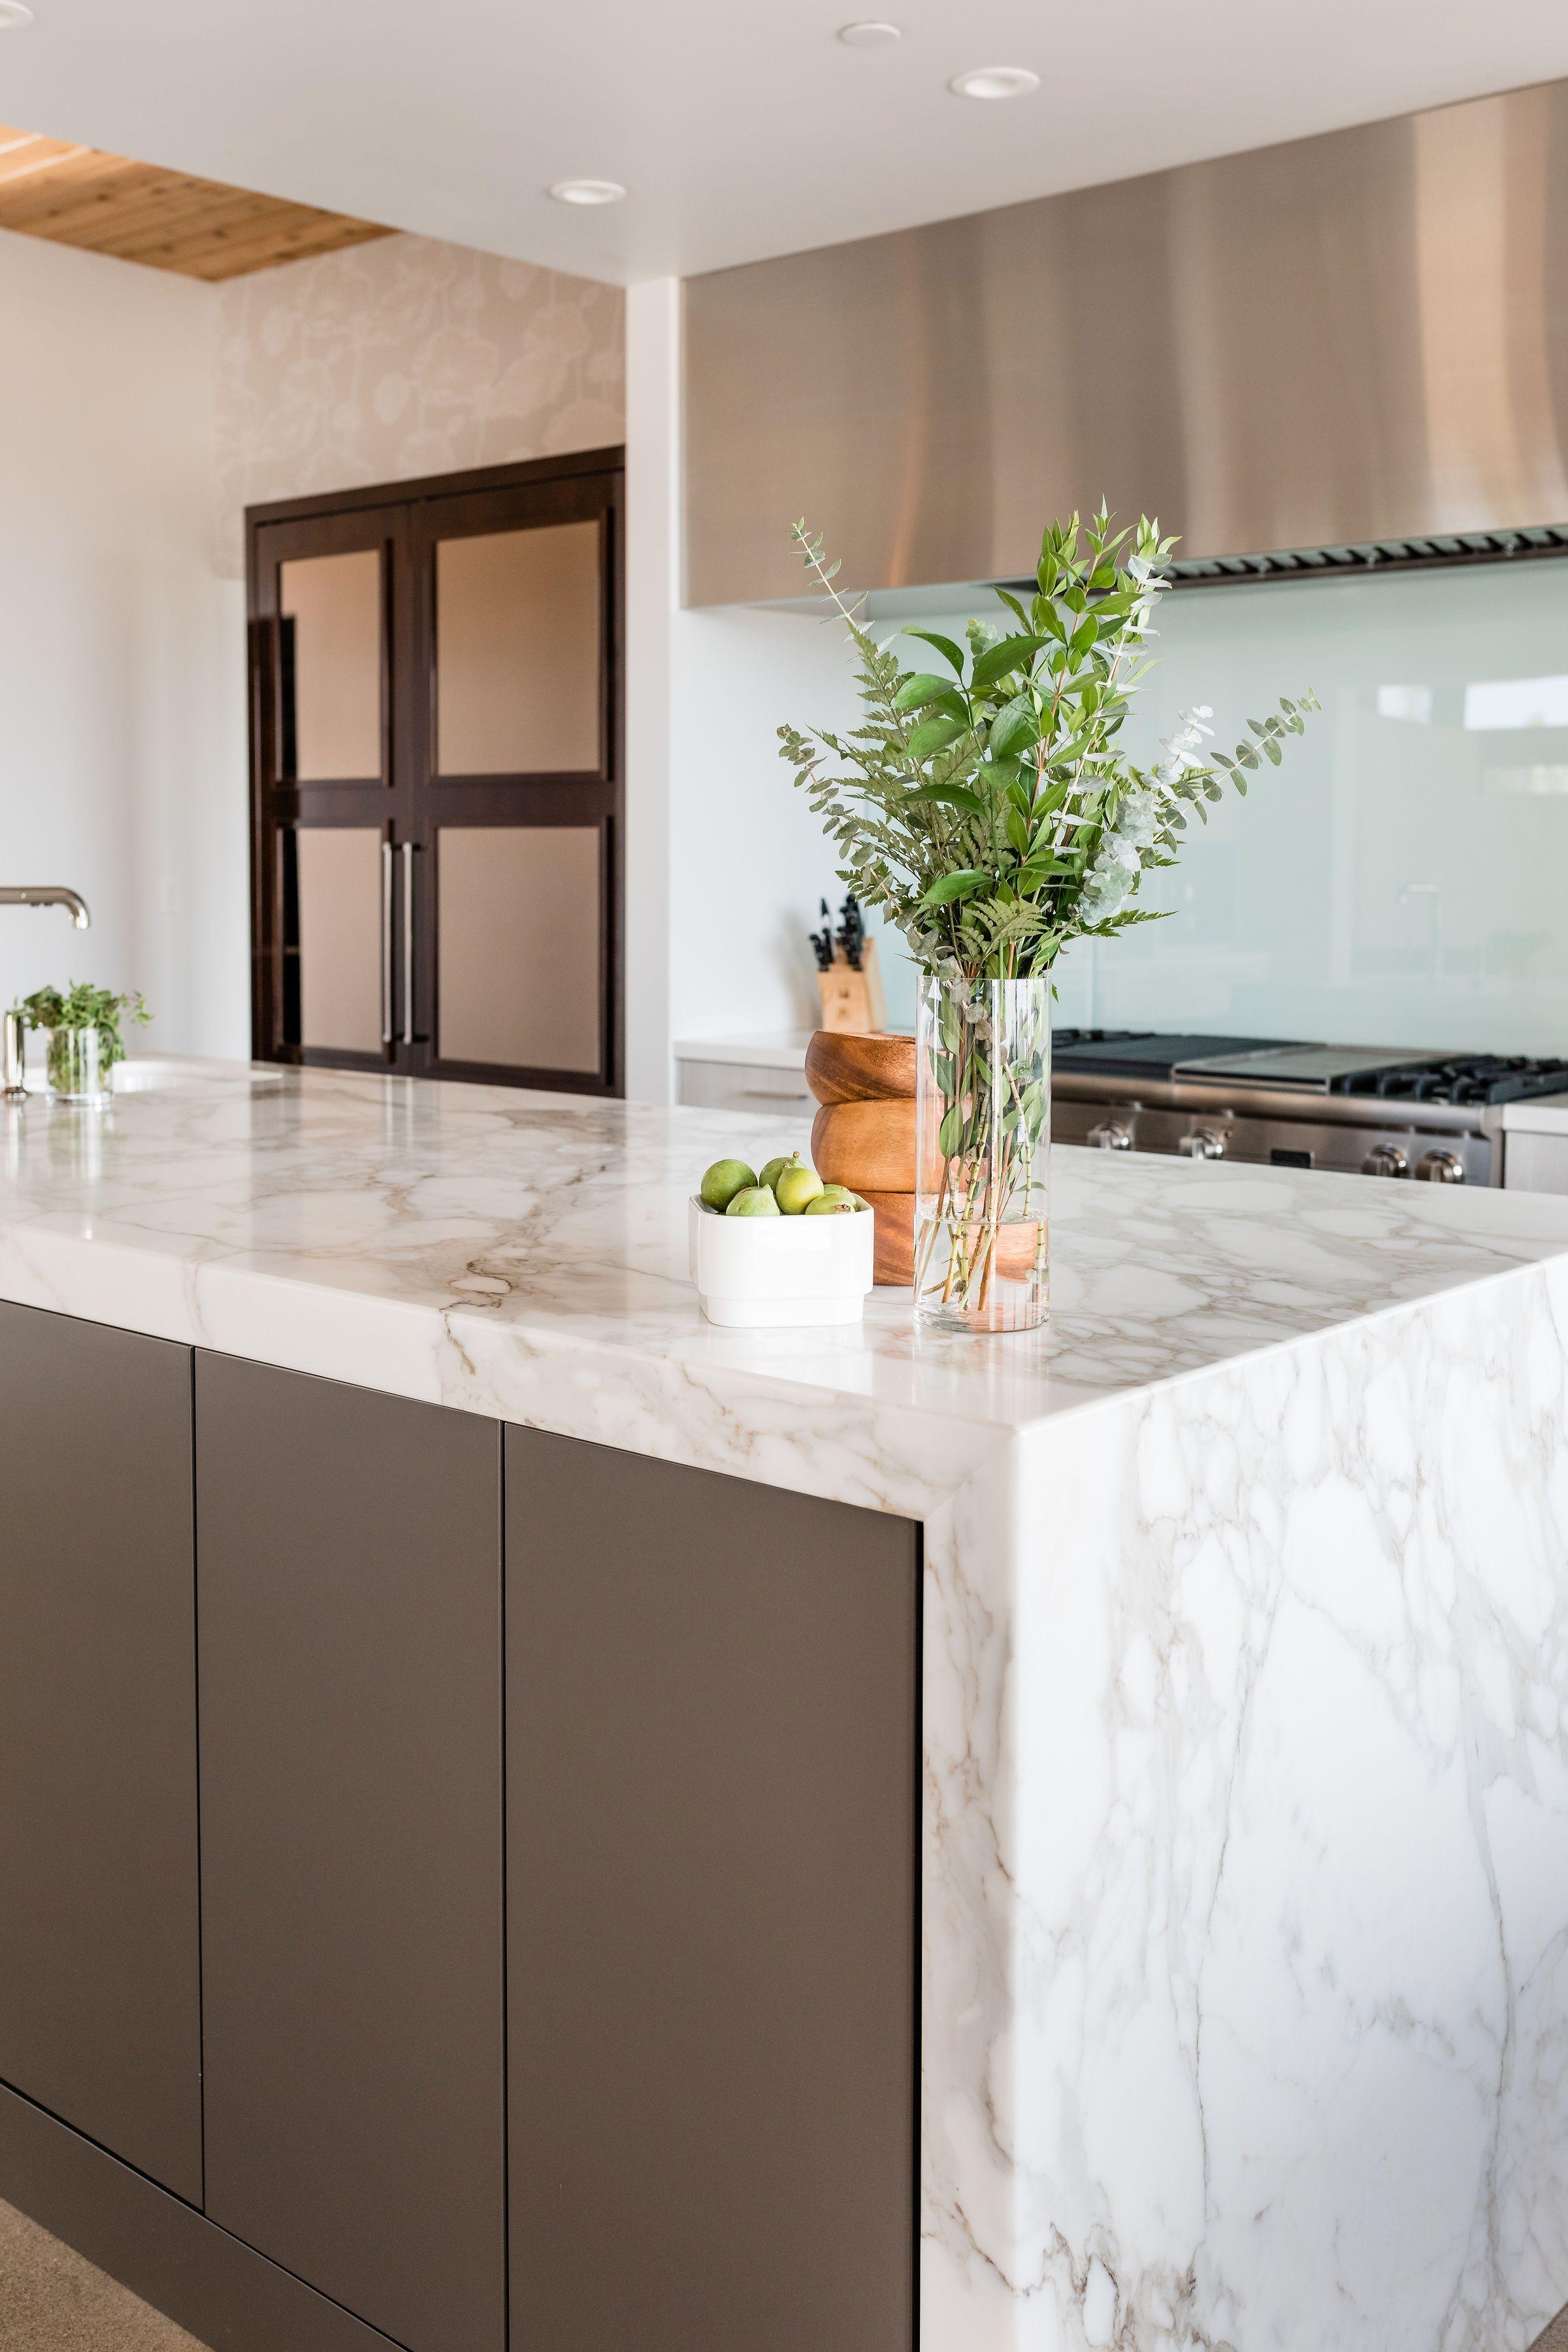 Marble Island Waterfallcountertop Contemporary Kitchen With Marble Waterfall Countertop Waterfall Countertop Kitchen Cabinets And Countertops Cabinetry Design